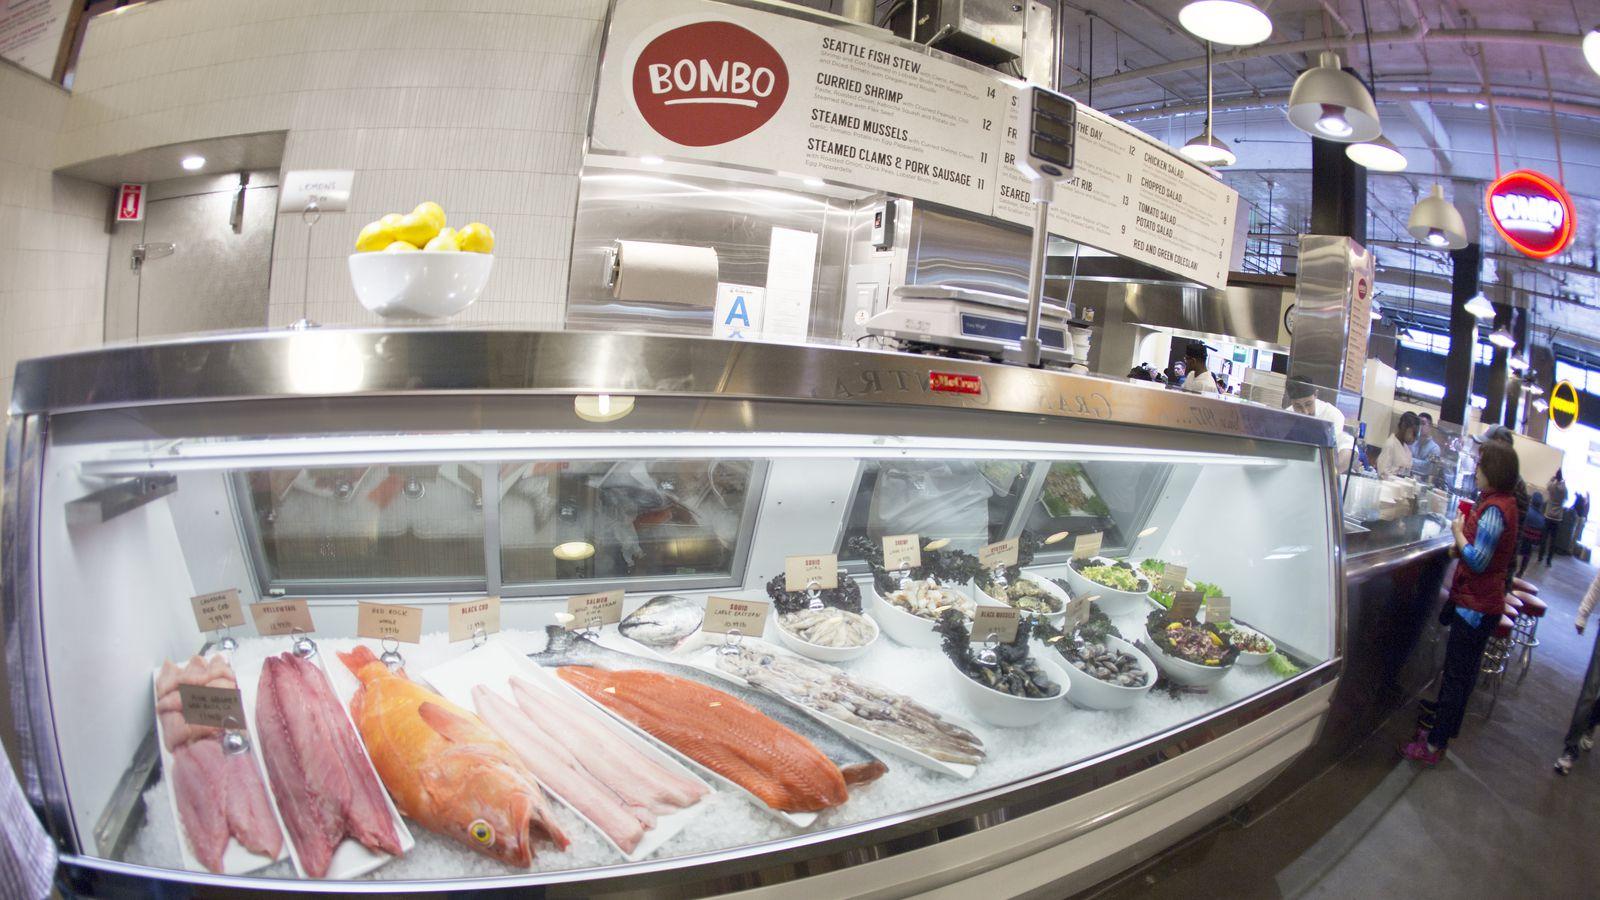 Mark peel 39 s bombo fish market now open inside grand for Boston fish market chicago